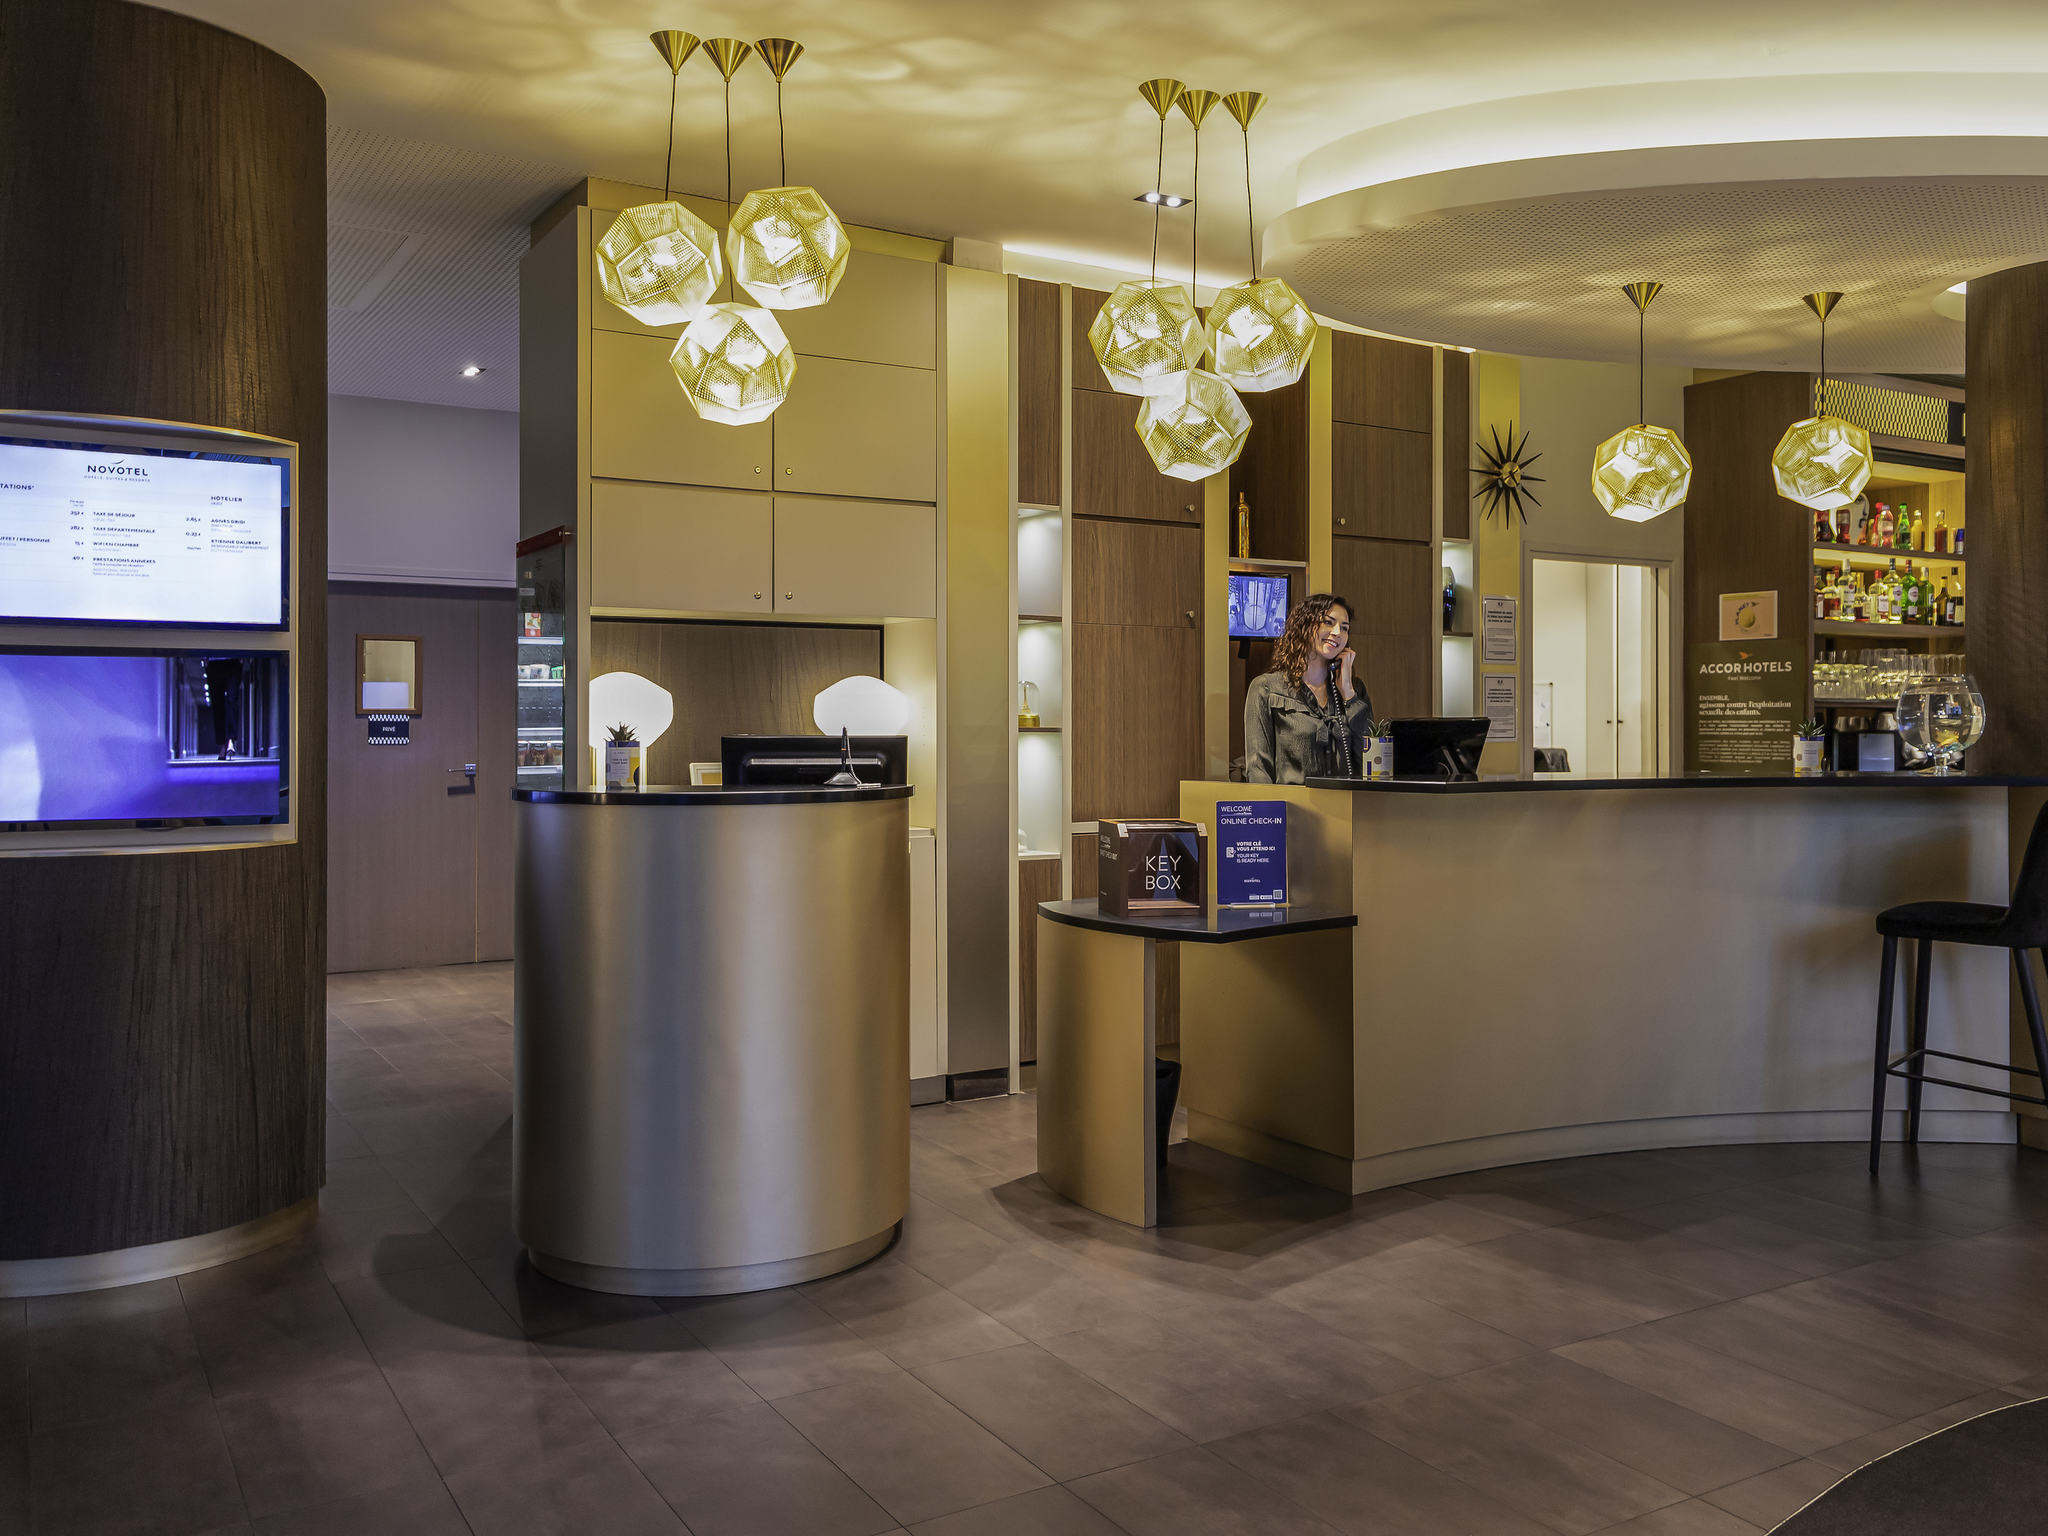 Otel – Novotel Suites Paris Expo Porte de Versailles